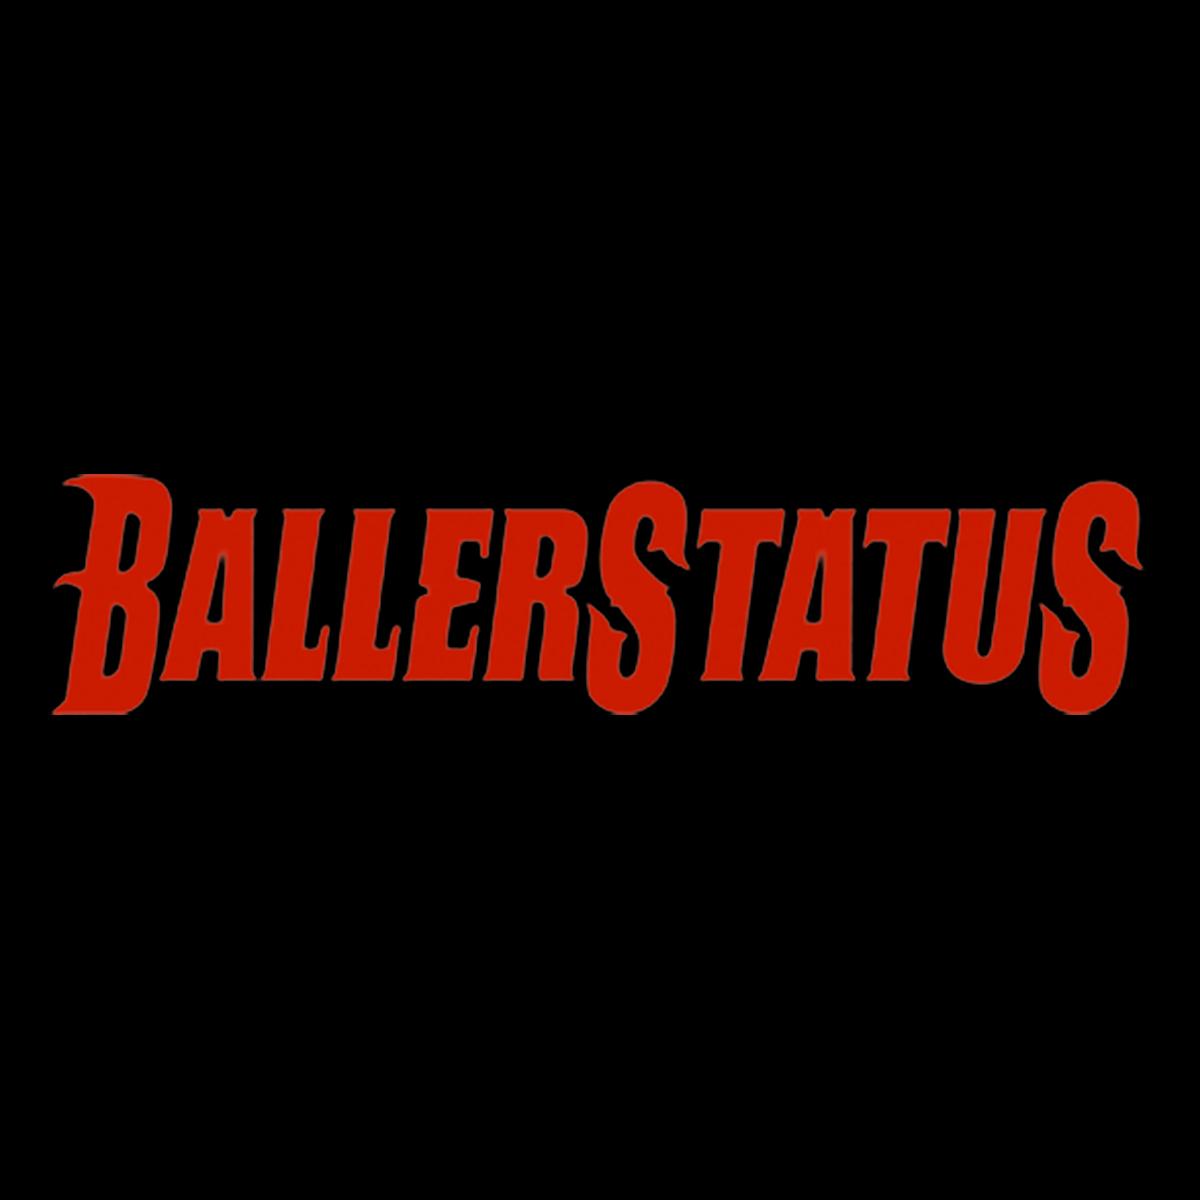 BALLERSTATUS_LOGO.JPG